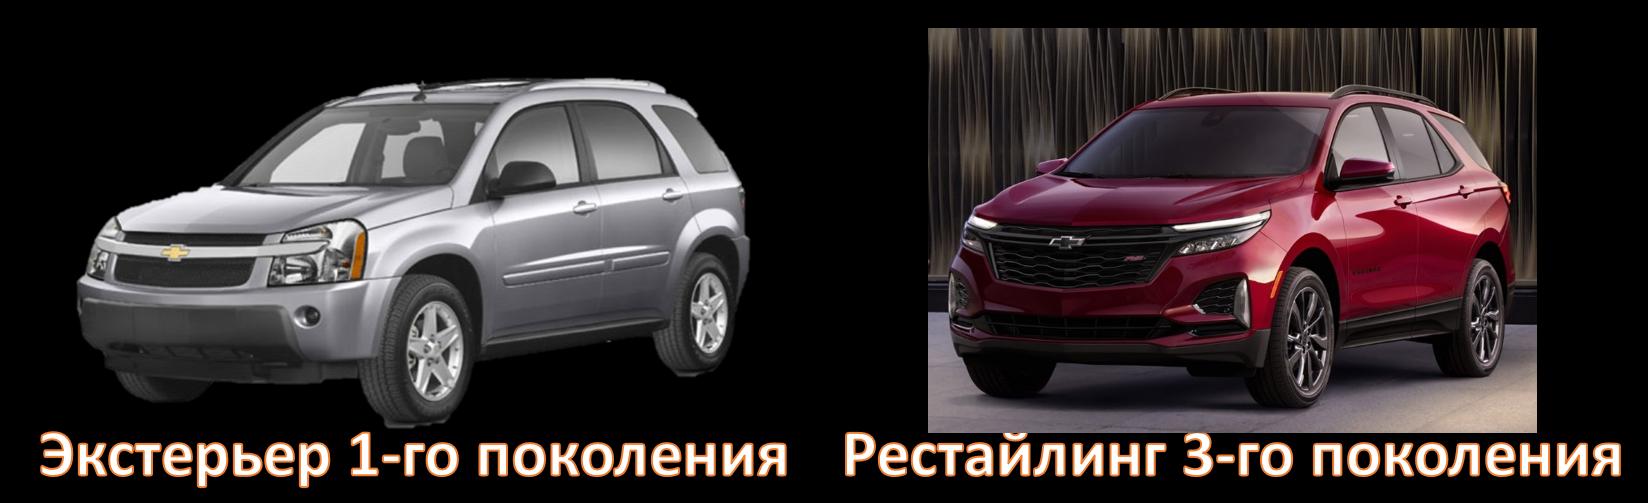 Chevrolet Equinox экстерьер